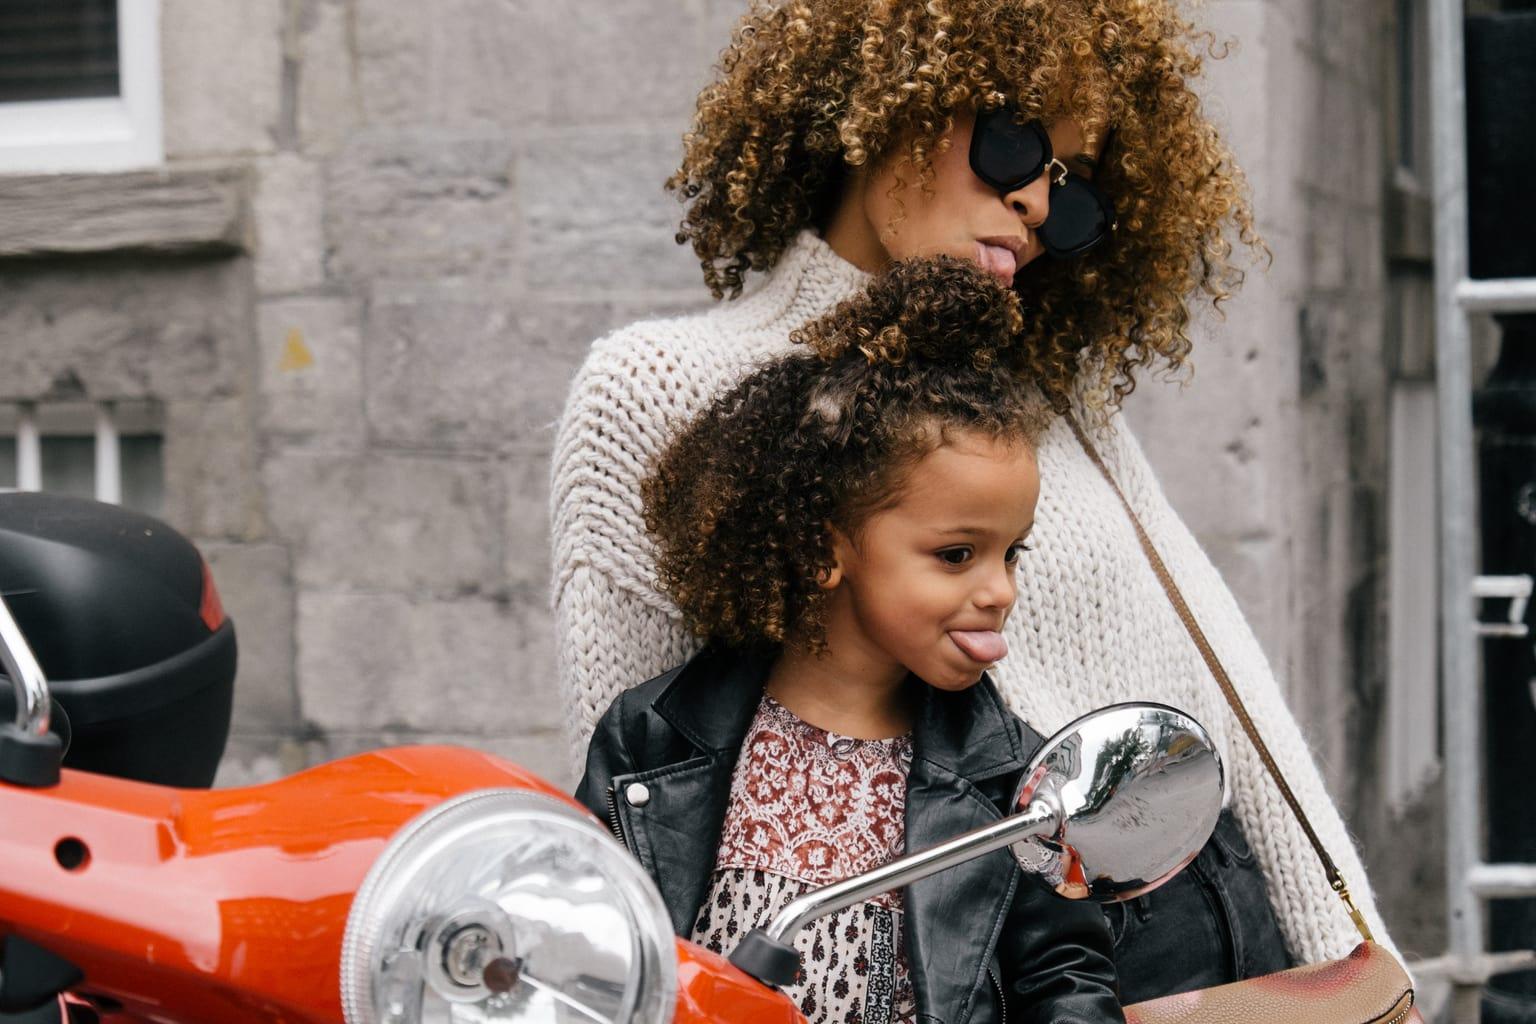 fotografía de una madre con su hija posando en una moto